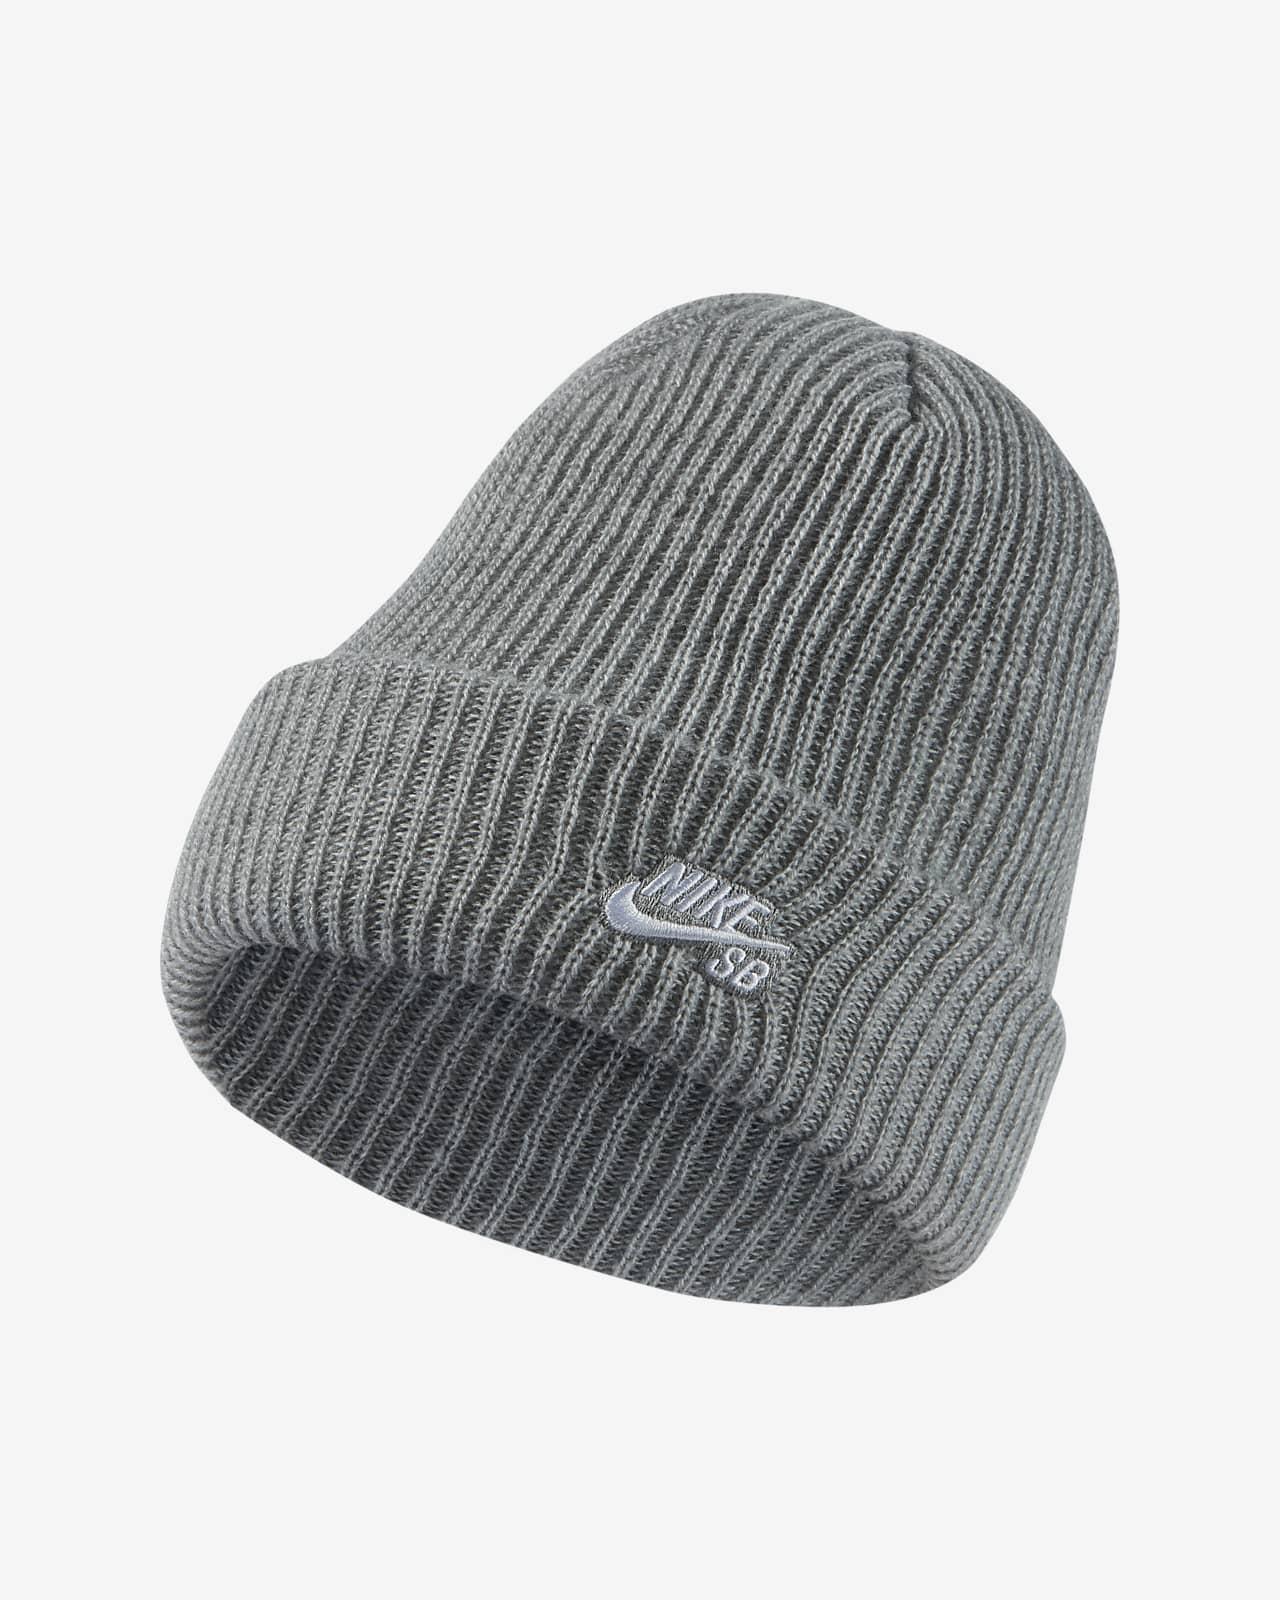 ナイキ SB フィッシャーマン ニット帽